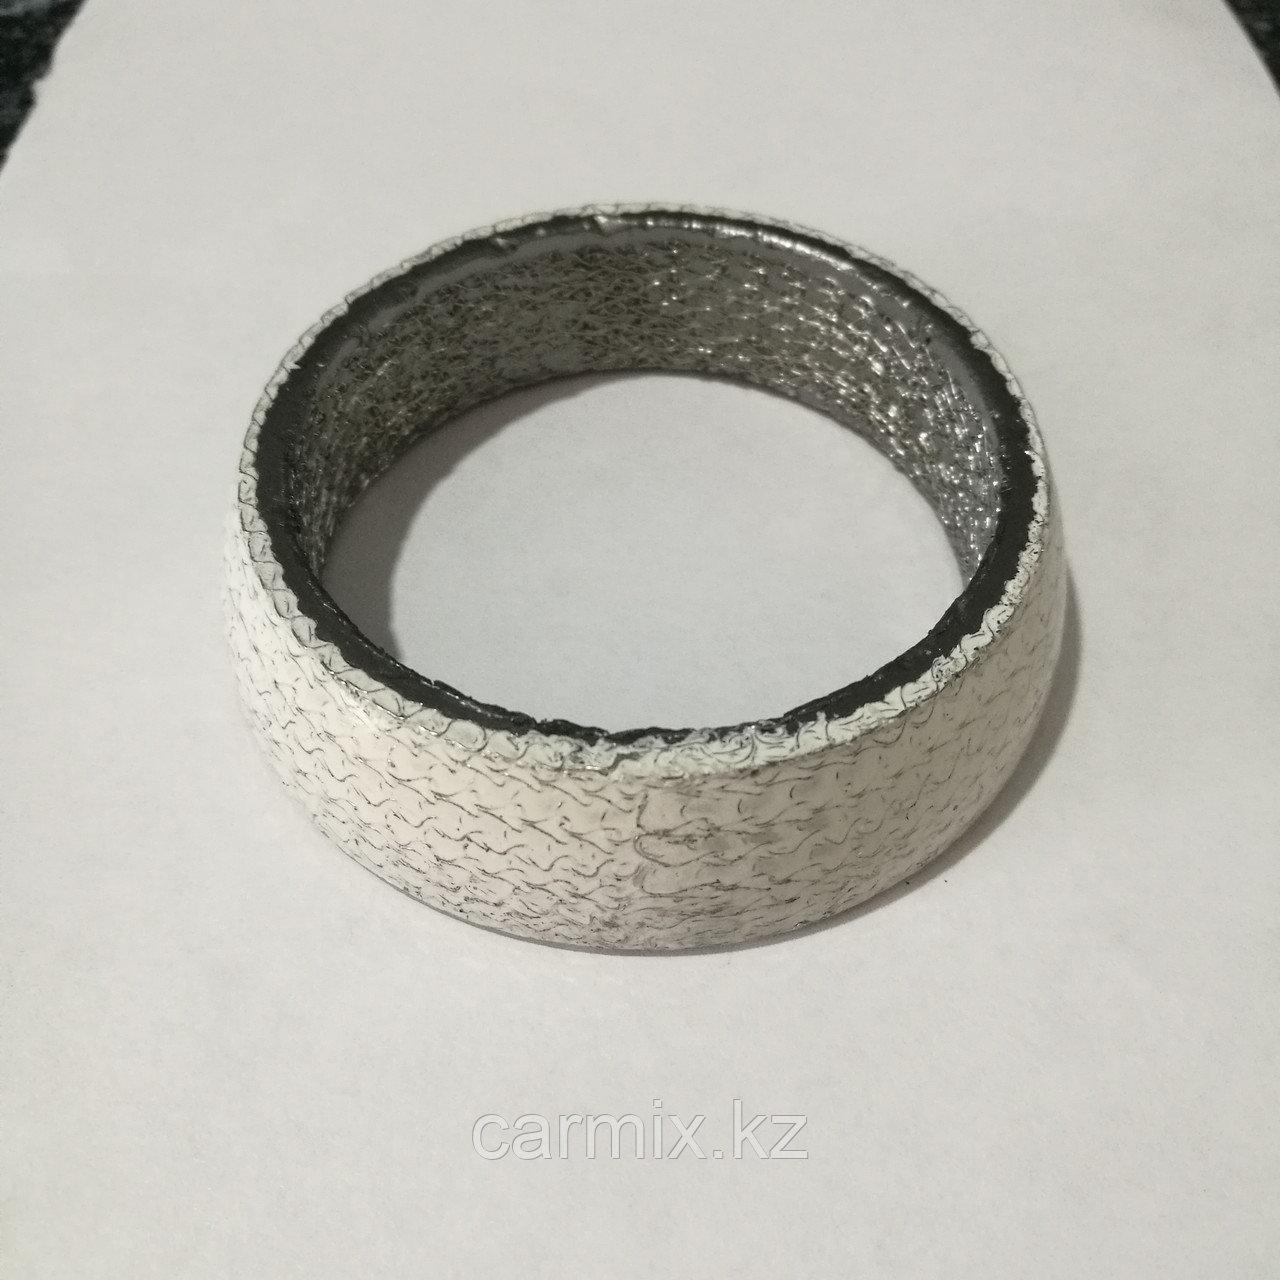 Кольцо на глушитель конусное MITSUBISHI L200 KB4T, MITSUBISHI PAJERO SPORT KH4W, 54x69x17